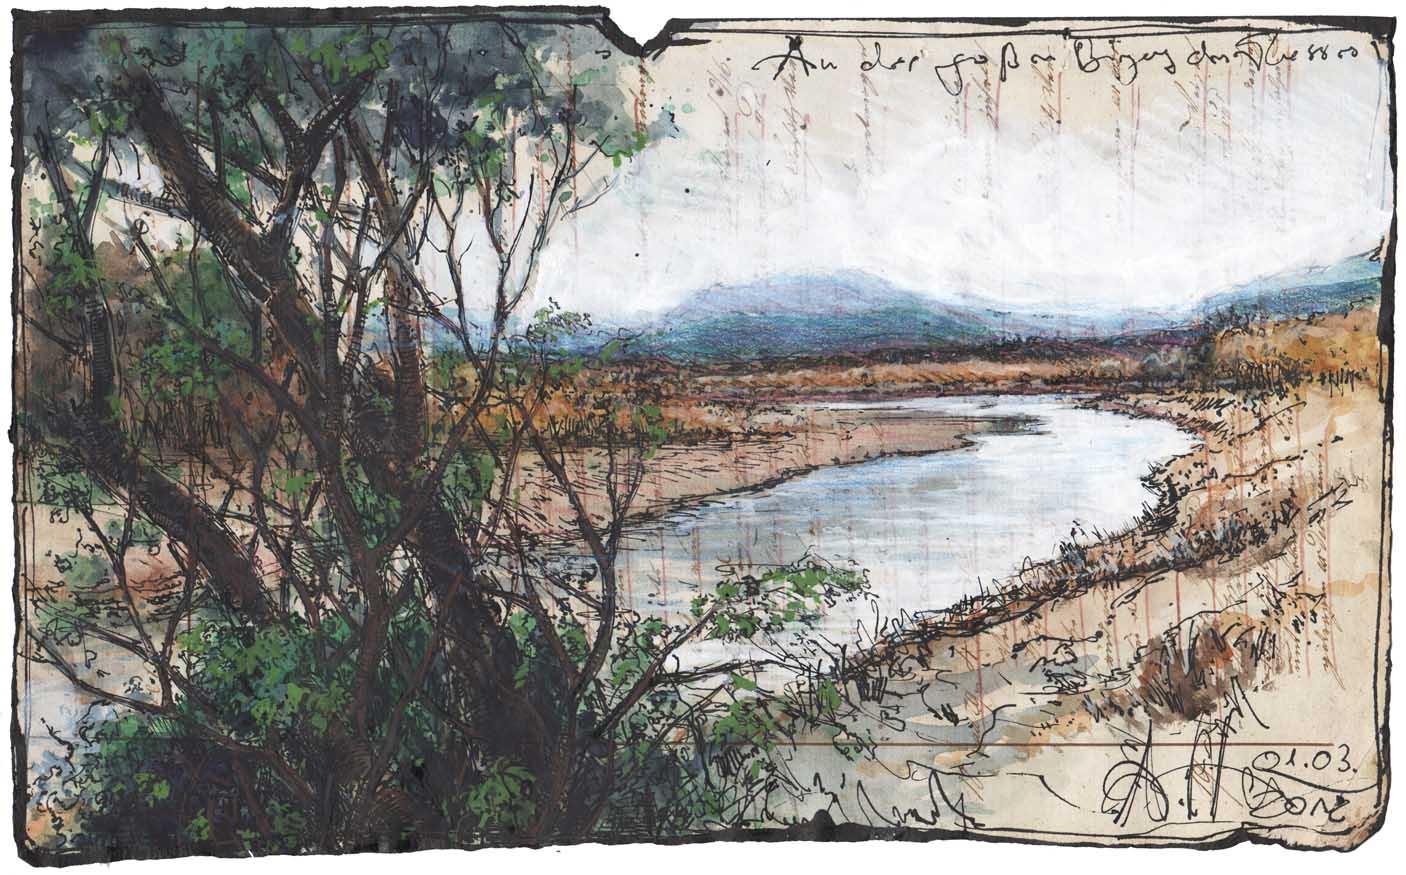 An der großen Biegung des Flusses